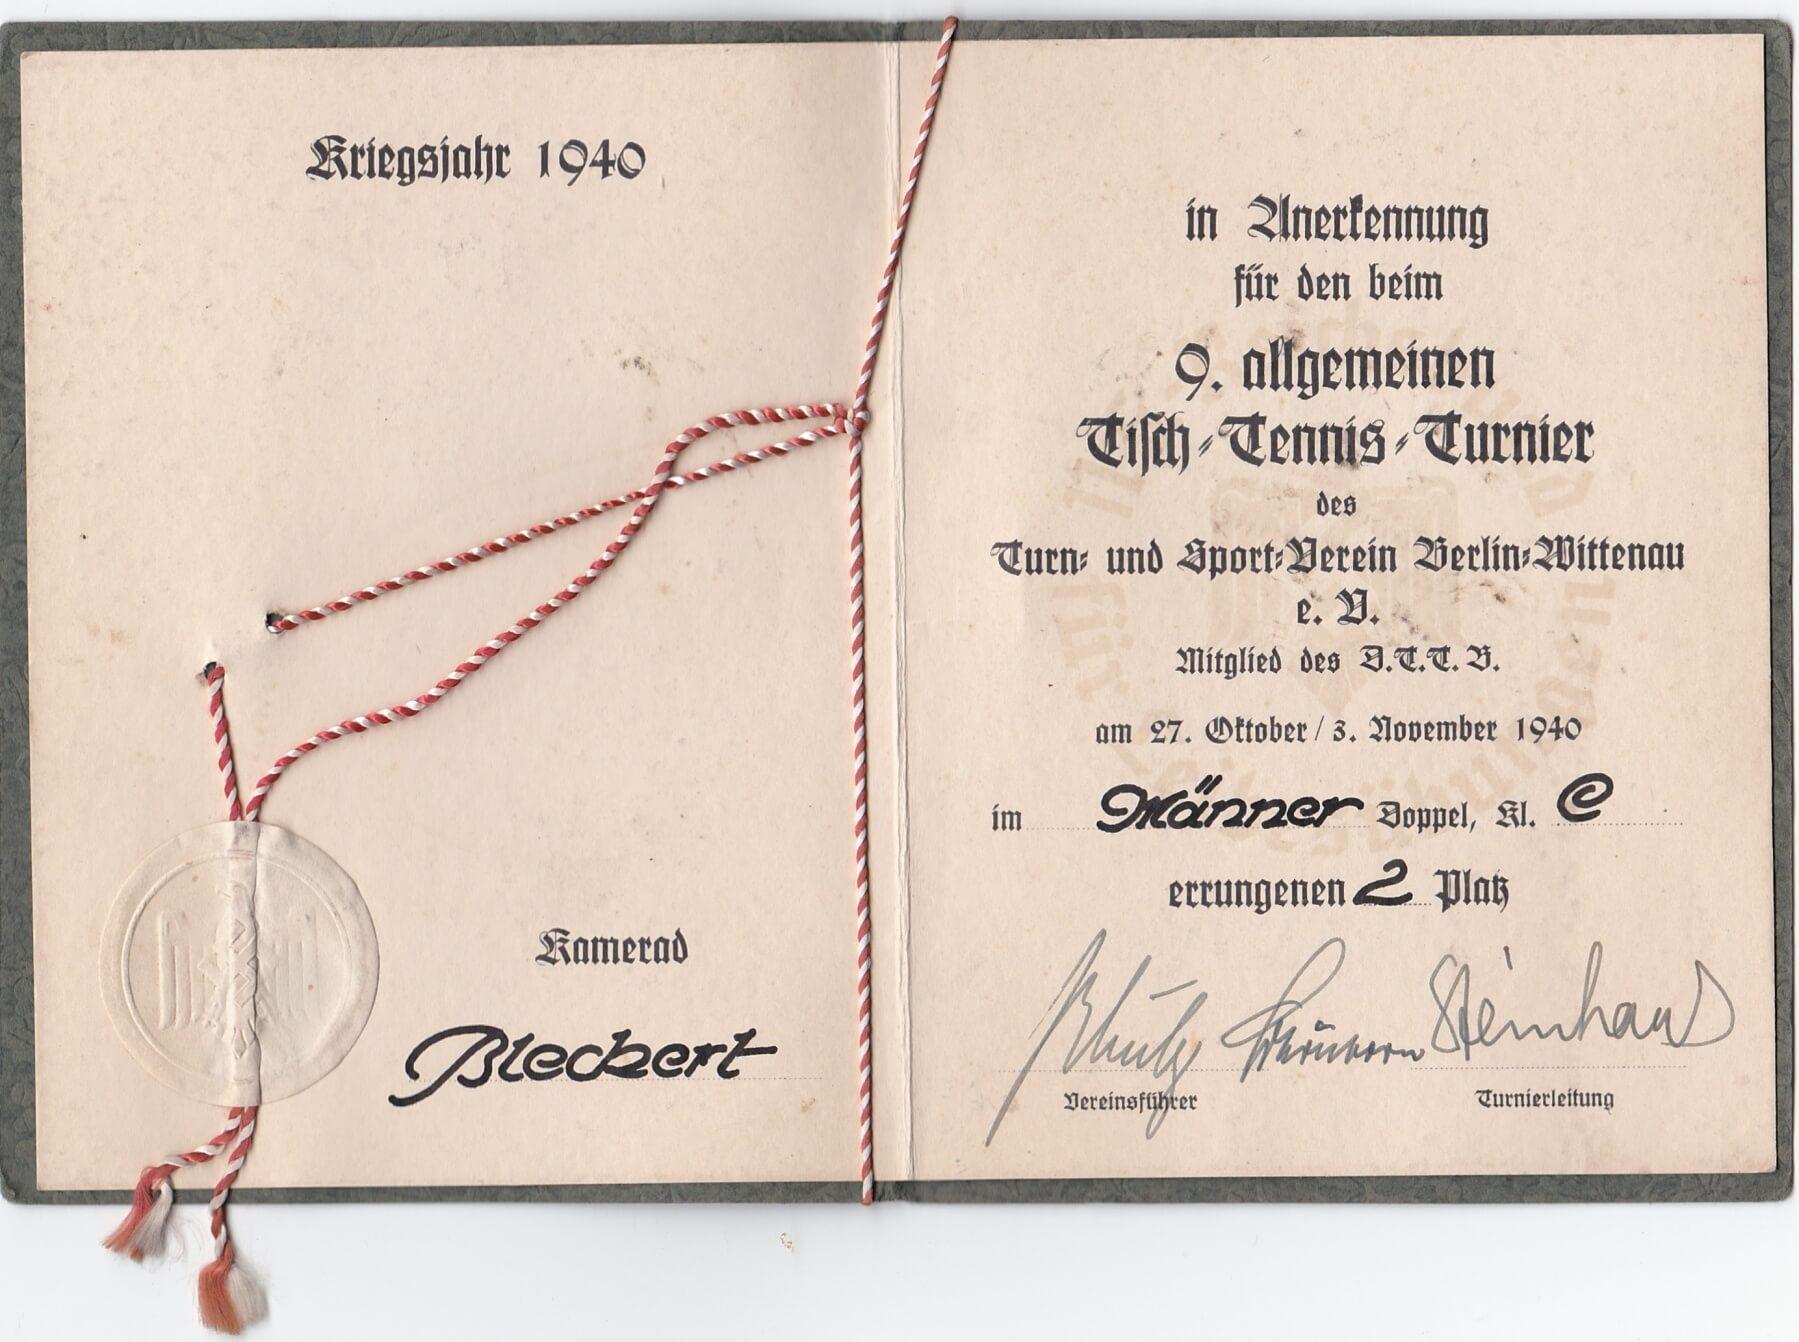 Kriegsjahr 1940 tisch tennis turnier